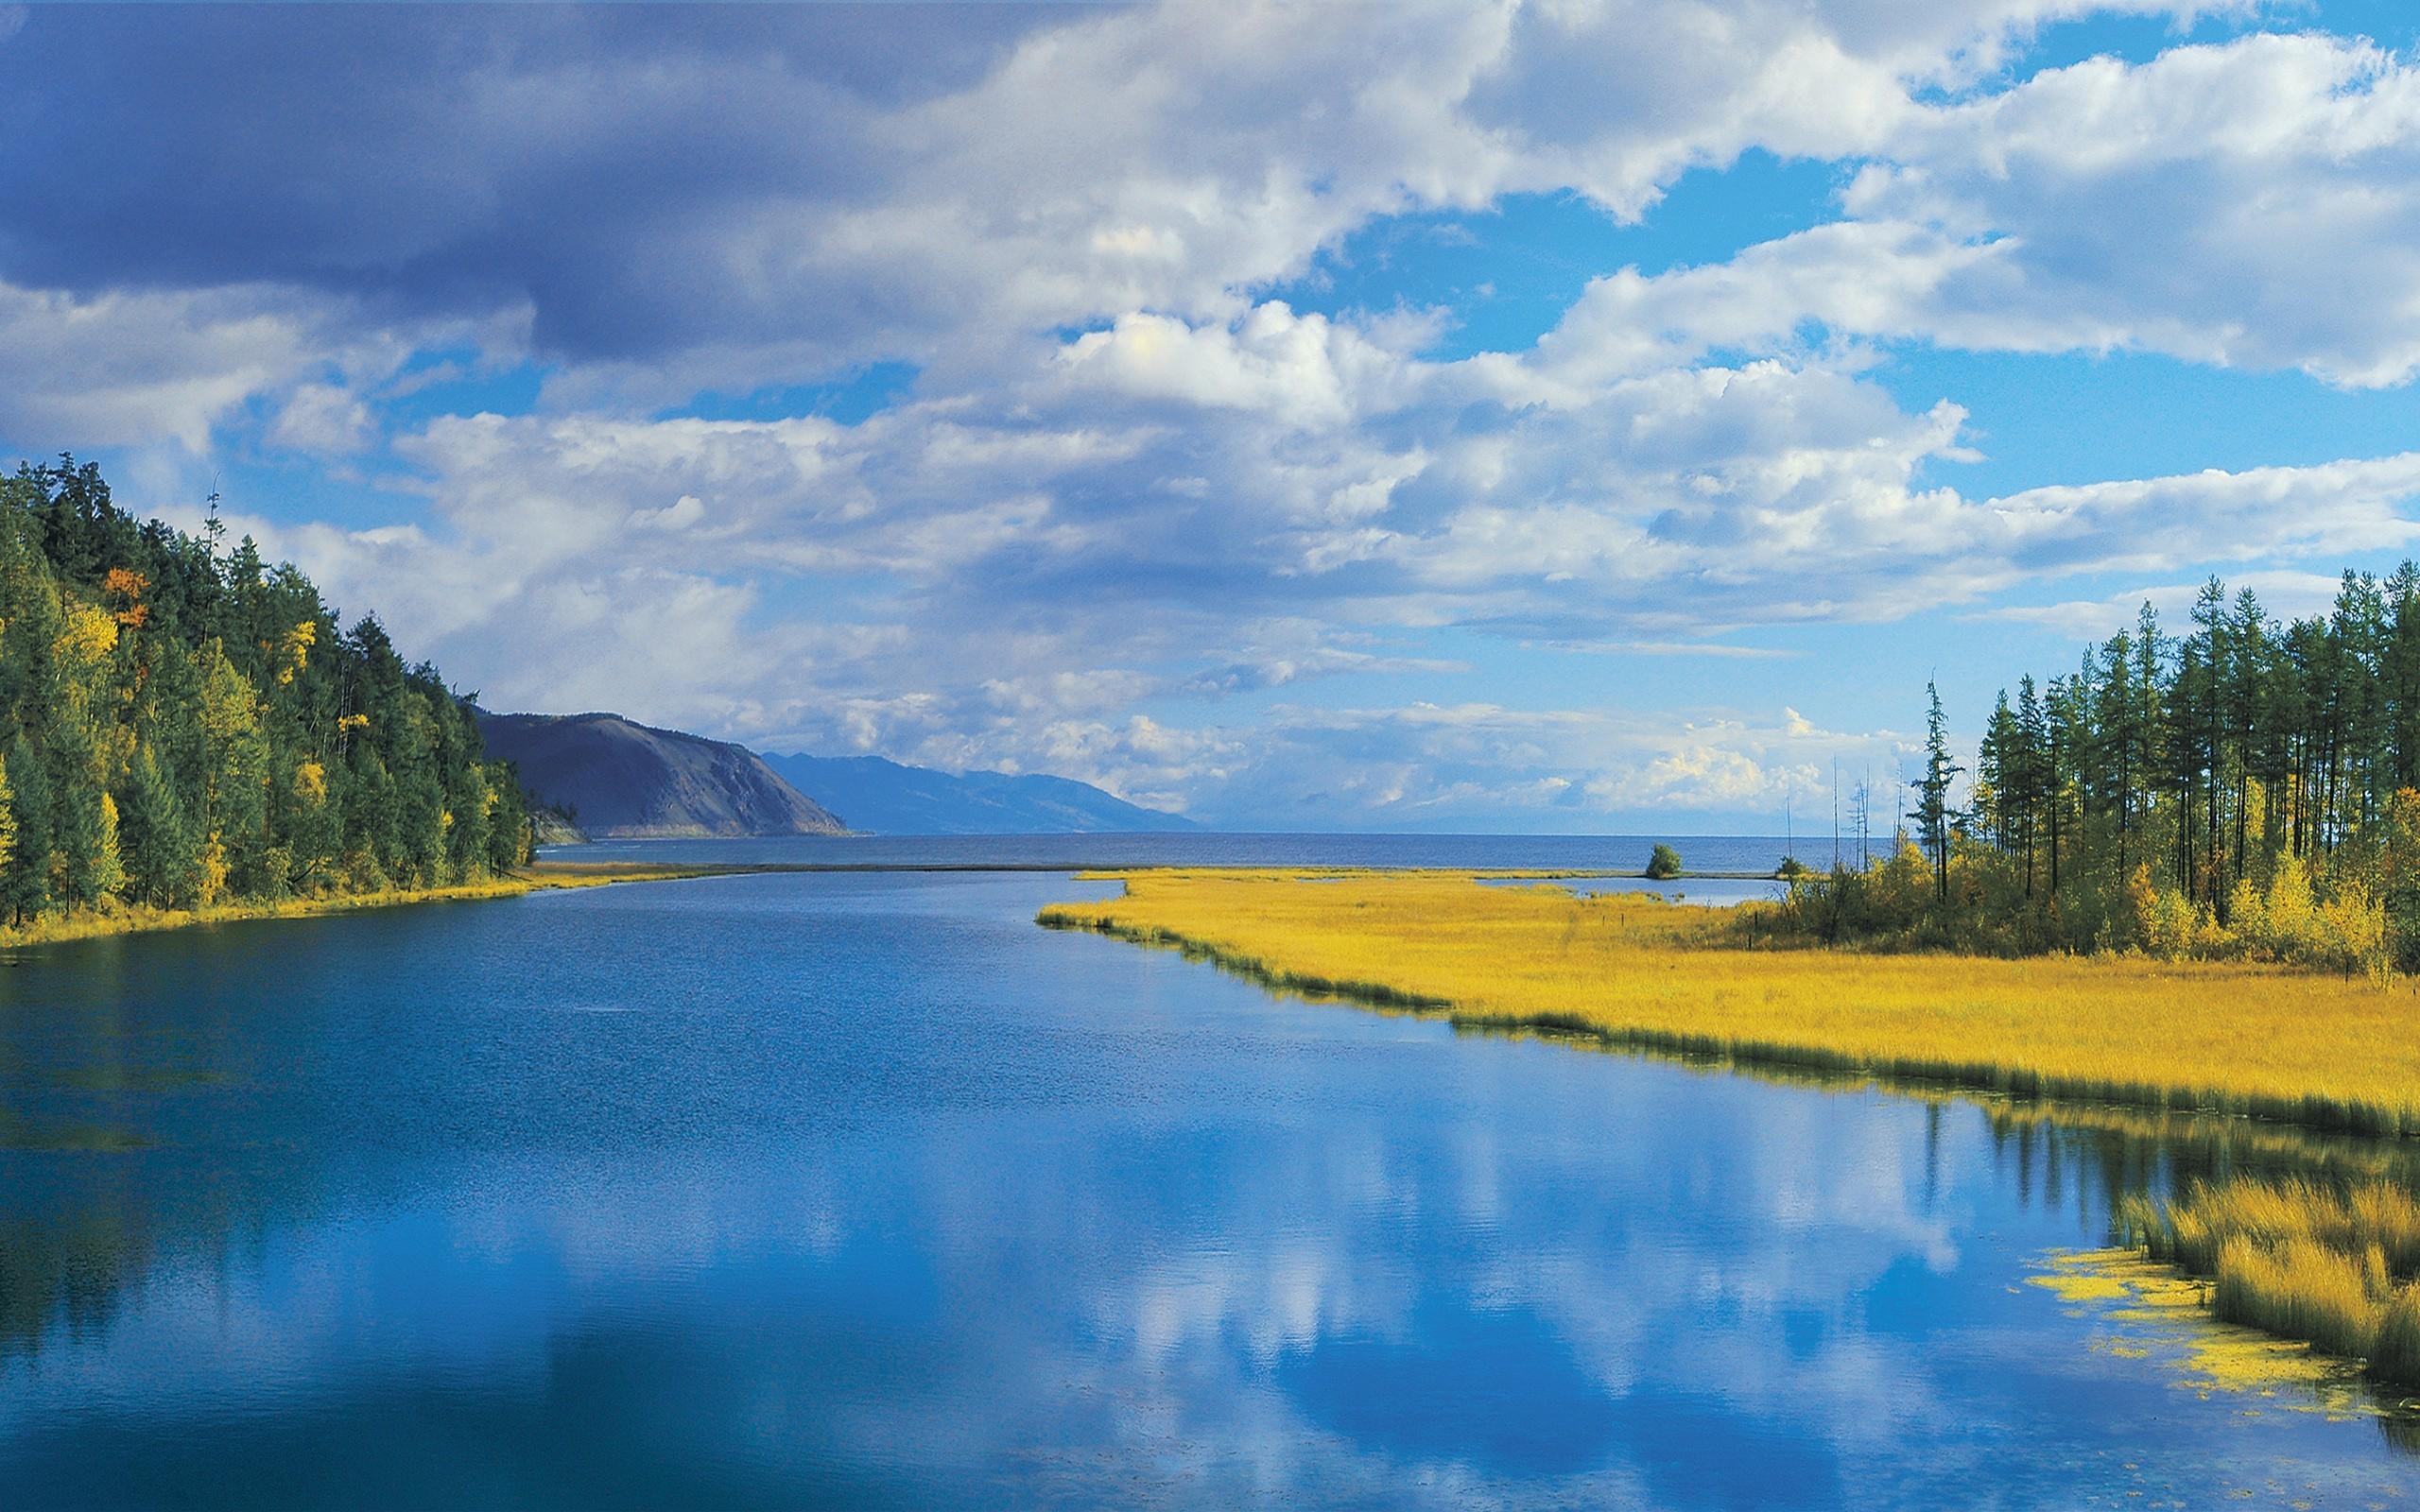 Картинки моря и реки россии